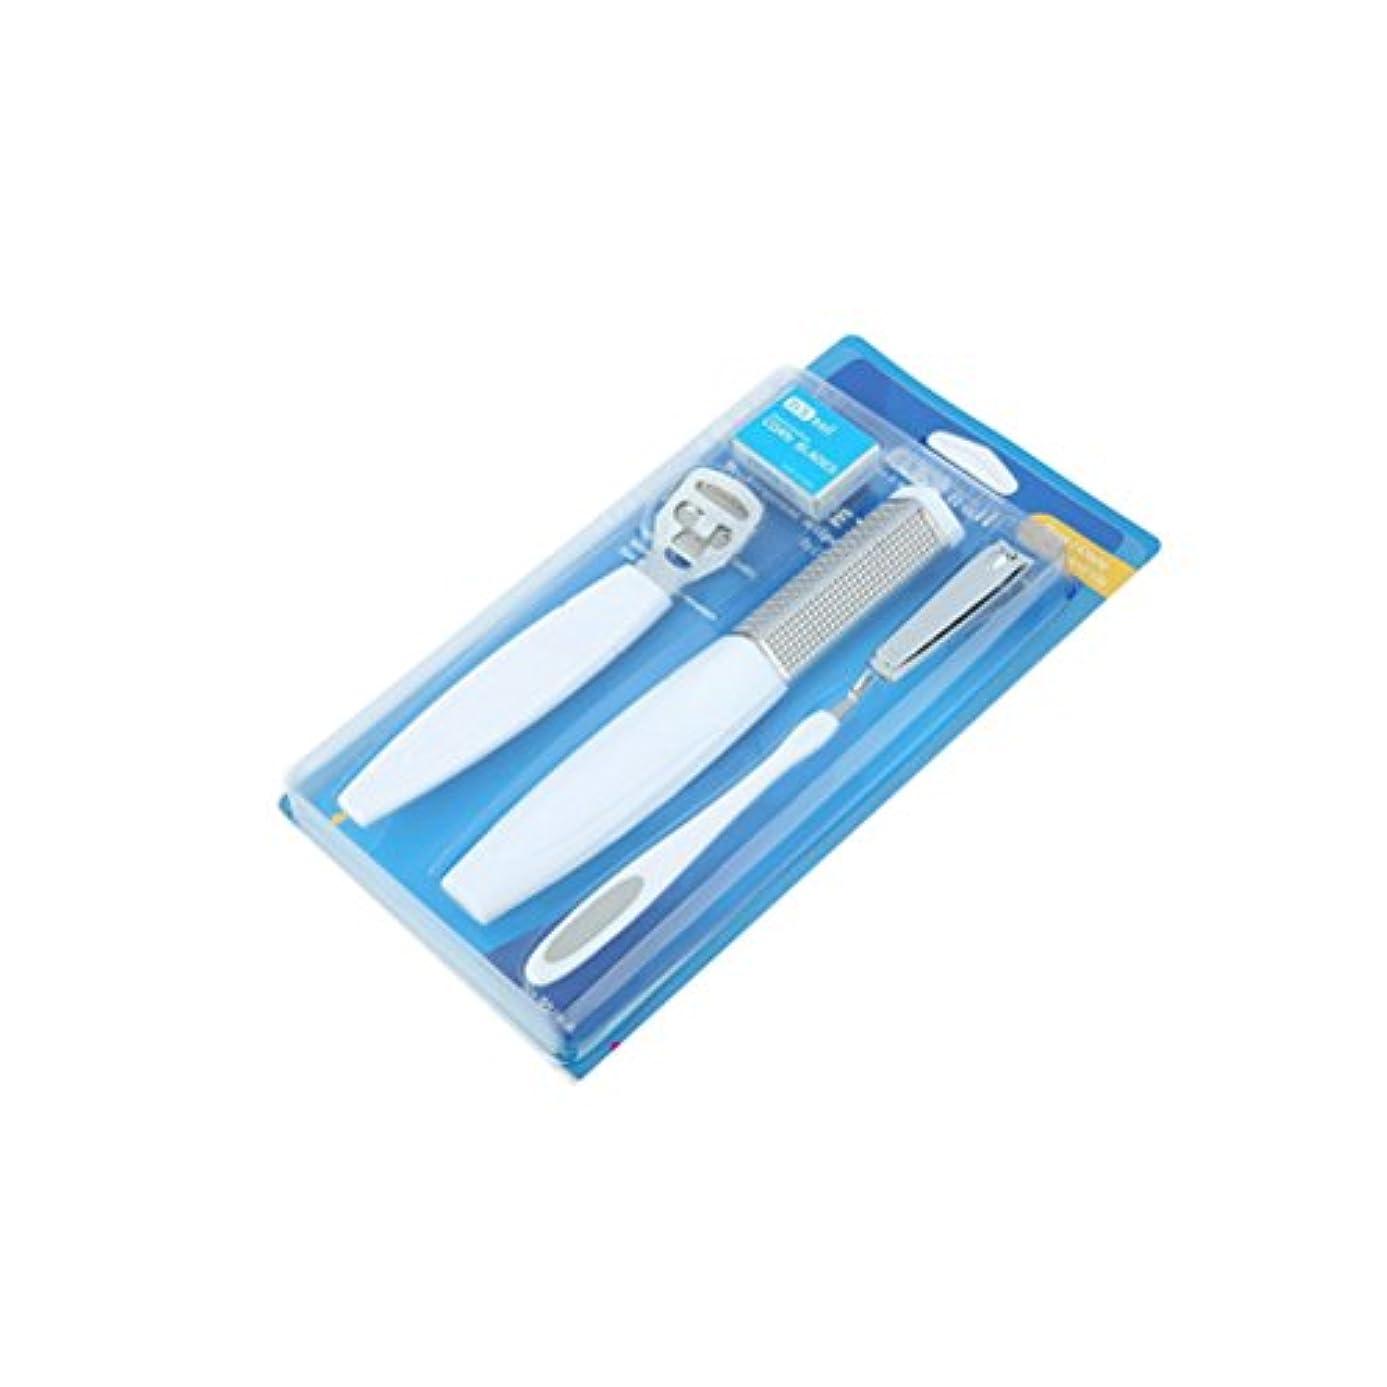 かる蒸メンタルペディキュア 5点セット 爪きりセット 爪切り 足 フットケア用品 かかと 角質取り 専用やすり [並行輸入品]